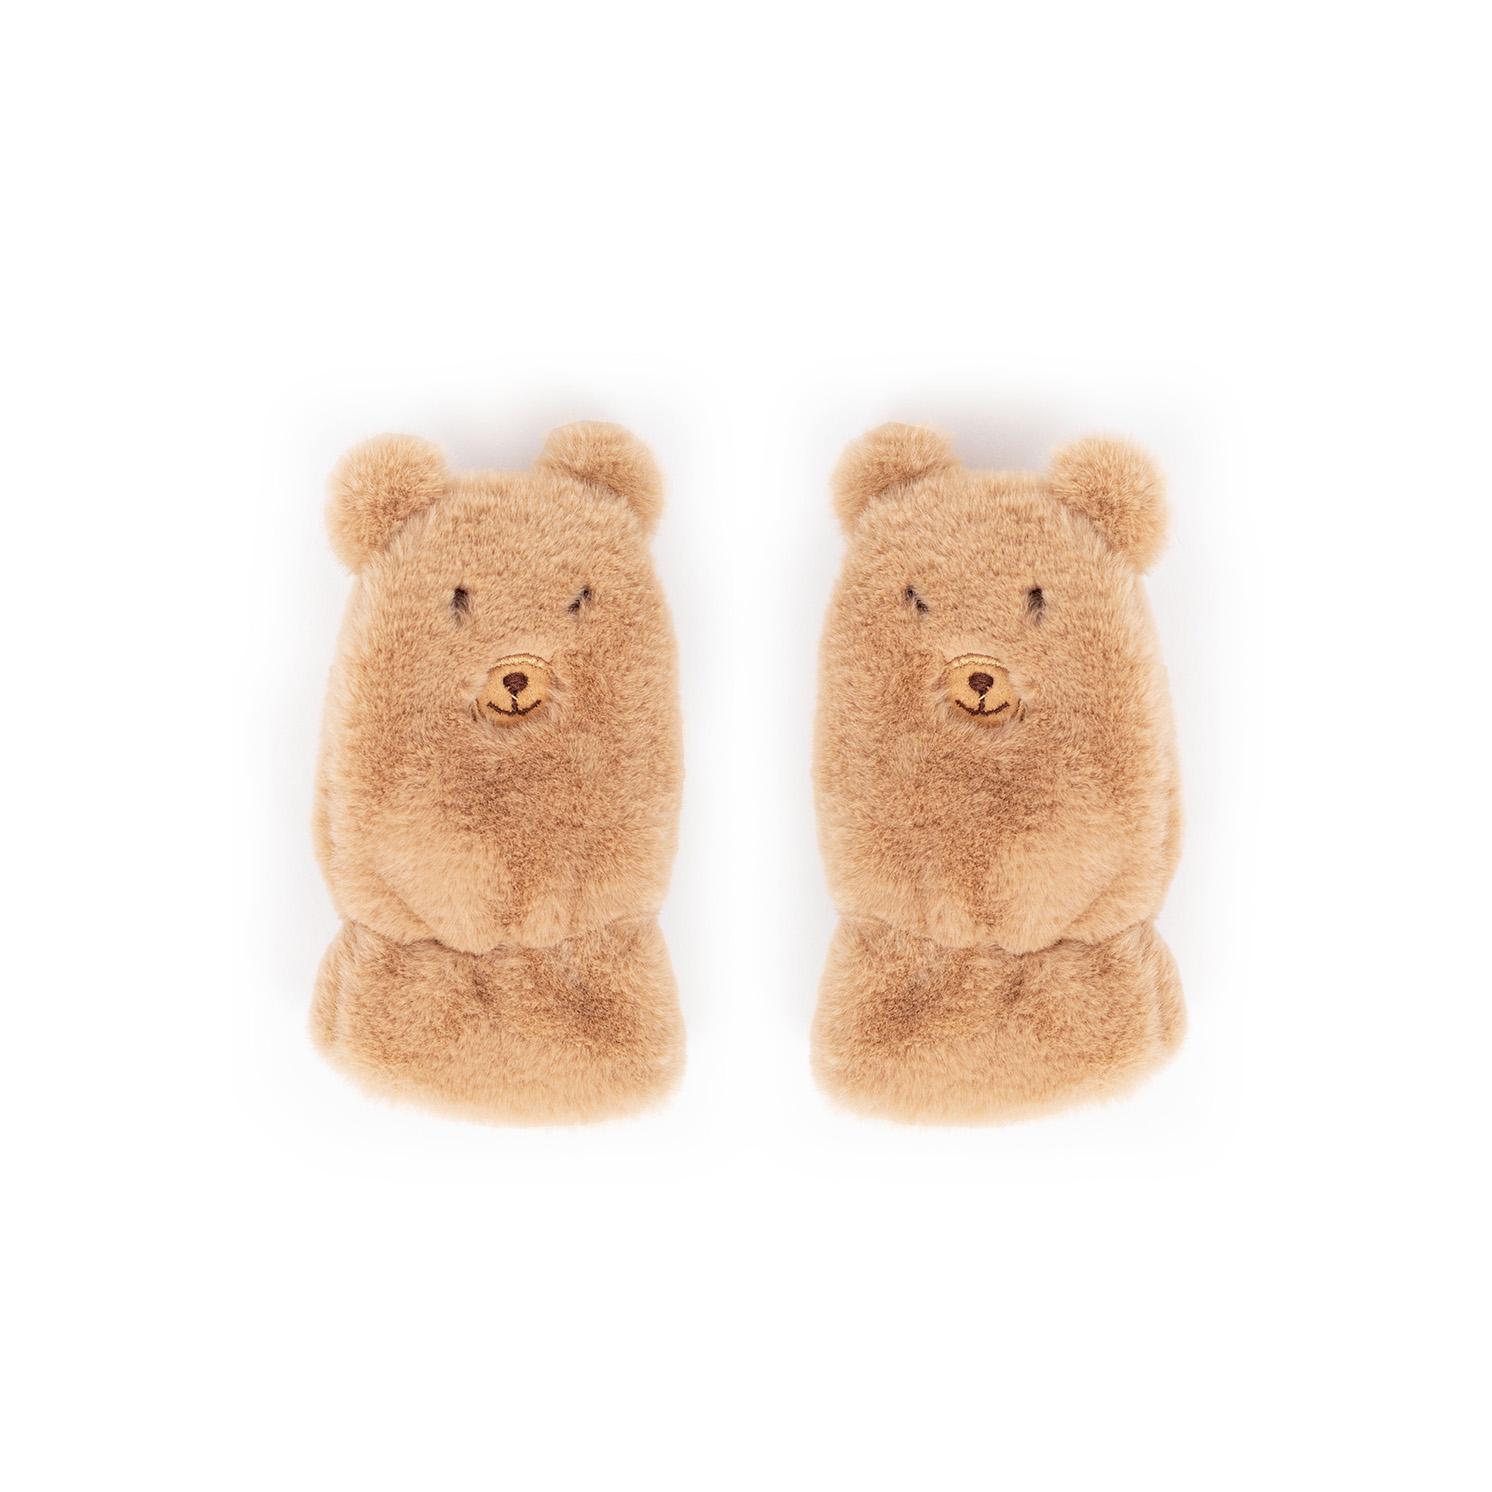 Powder – Kid's Fluffy Teddy Mittens in Tan with Powder Presentation Gift Box